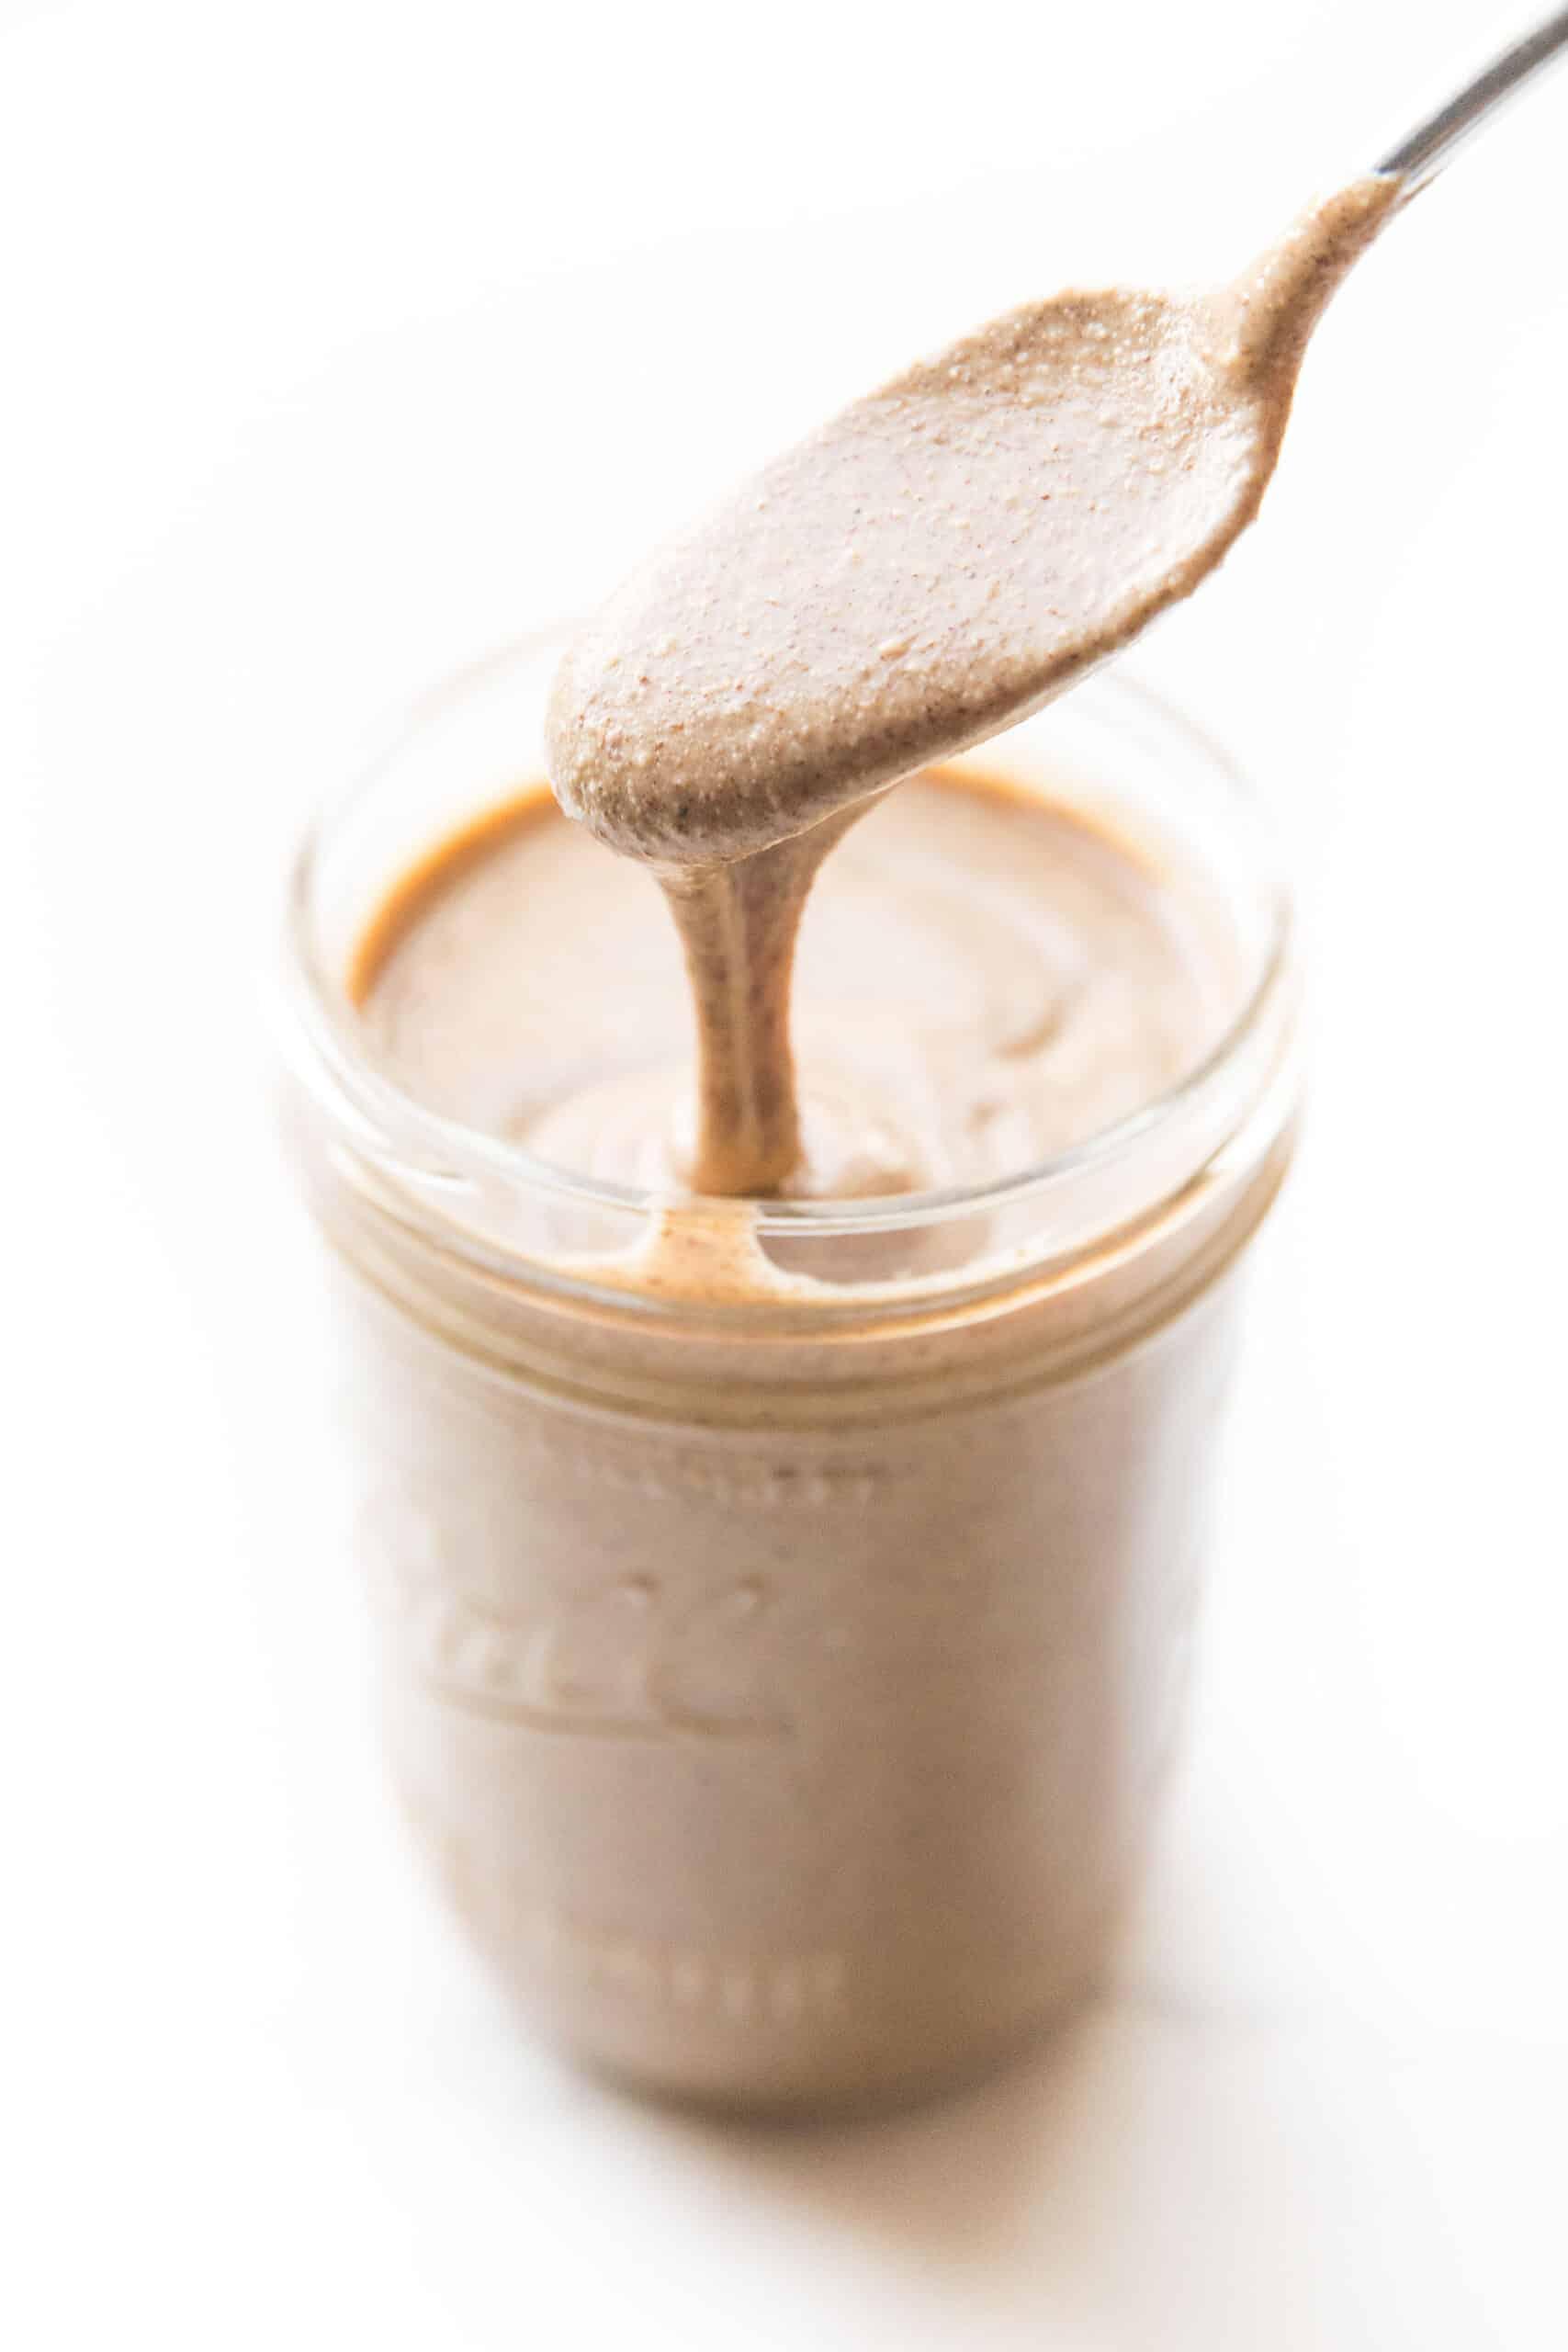 spoon drizzling nut butter in a mason jar